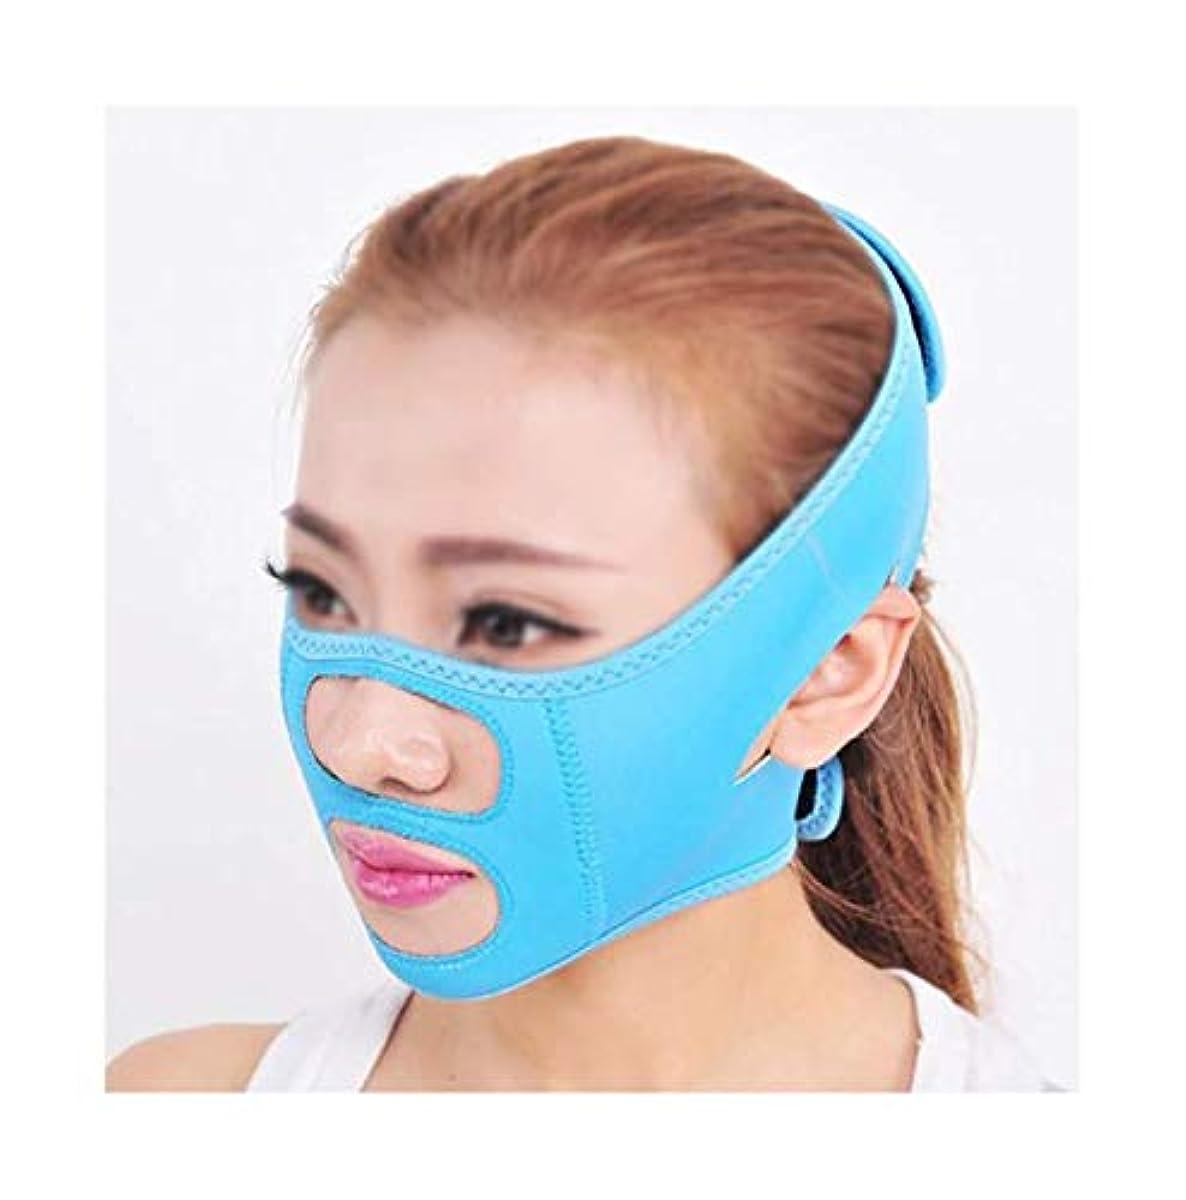 リスナー記憶ワーディアンケースファーミングフェイスマスク、術後リフティングマスクホーム包帯揺れネットワーク赤女性Vフェイスステッカーストラップ楽器顔アーティファクト(色:青),青